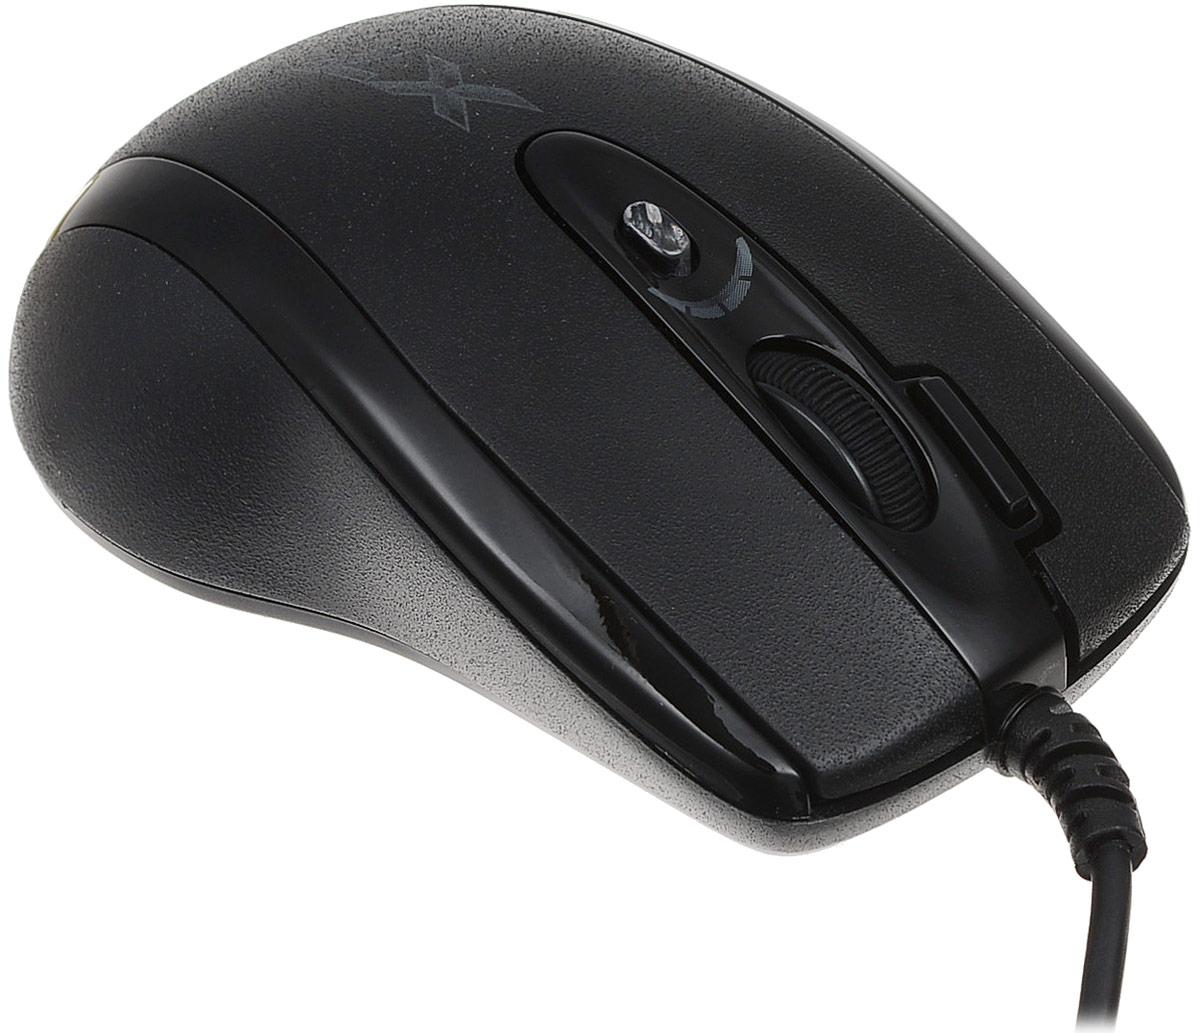 A4Tech X-710MK, Black мини-мышьX-710MKВ оптической мини-мыши A4Tech Х-710MK используется мощный и чувствительный сенсор Agilent. Она исключительно плавно движется при любых поворотах, реагируя на малейшие движения быстро и четко. Она идеально подходит для геймеров с маленькими ладонями. Благодаря удобной и эргономичной форме, мышь легко и надежно ложится в руку. По бокам сделаны прорезиненные вставки, что исключает выскальзывание мыши в самой напряженной игровой ситуации. Симметричный дизайн рассчитан как на правшей, так и на левшей.Шесть кнопок мыши программируются. Рядом с колесом прокрутки располагается уникальная кнопка Тройной клик, позволяющая сделать сразу три выстрела одним нажатием. Кнопка смены разрешения позволяет менять скорость курсора мыши без установки дополнительных драйверов. При смене режима колесо прокрутки подсвечивается разными цветами. Максимальное разрешение - 2000 dpi. При возвращении к повседневной работе за компьютером можно понизить его до 400 dpi. Независимо от игровой активности и частоты использования мыши, кнопки модели прослужат вам очень долго. Производитель, японская компания OMRON, гарантирует до 8 000 000 бесперебойных кликов.Новые игровые мыши A4Tech имеют встроенную память 16 Kб. Это значит, что теперь у вас есть уникальная возможность запрограммировать мышь выполнять любые игровые действия одним кликом! Создавайте свои скрипты и интегрируйте их во встроенную память вашей мыши. Играйте на любых компьютерах, сохранив ваши уникальные установки в памяти мыши. Для этого просто воспользуйтесь удобным и наглядным редактором скриптов Oscar, который вы найдете на прилагающемся диске.Используйте мышь вместо клавиатуры. Каждая кнопка мыши теперь может быть настроена так, чтобы воспроизводить любые команды клавиатуры, в любых сочетаниях клавиш. Вы сможете одним движением пальца купить все оружие или поставить задачу группе.Стреляйте длинными и короткими очередями. Выберите кнопку мыши и установите на нее количество выстрелов, которое вы хо